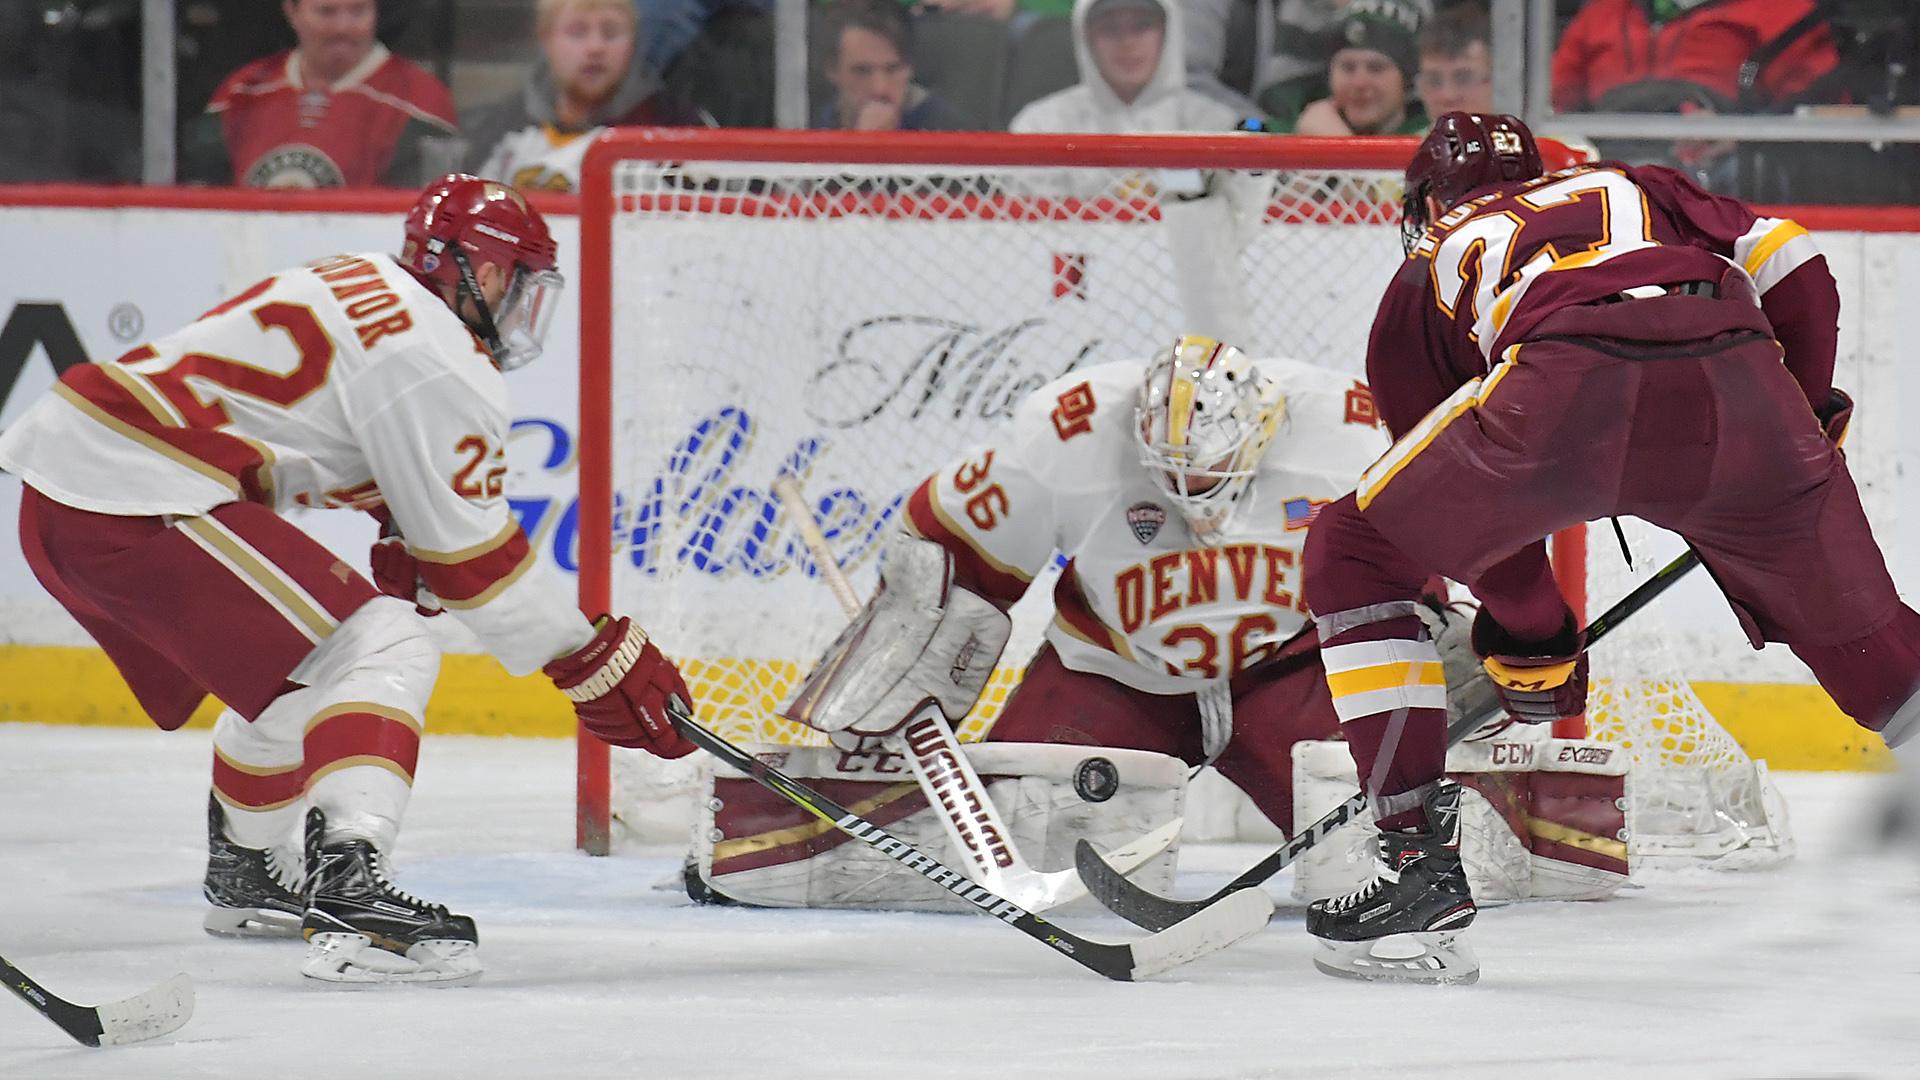 Riley Tufte attacks the net in tonight's game against Denver. Photo courtesy of Brett Groehler